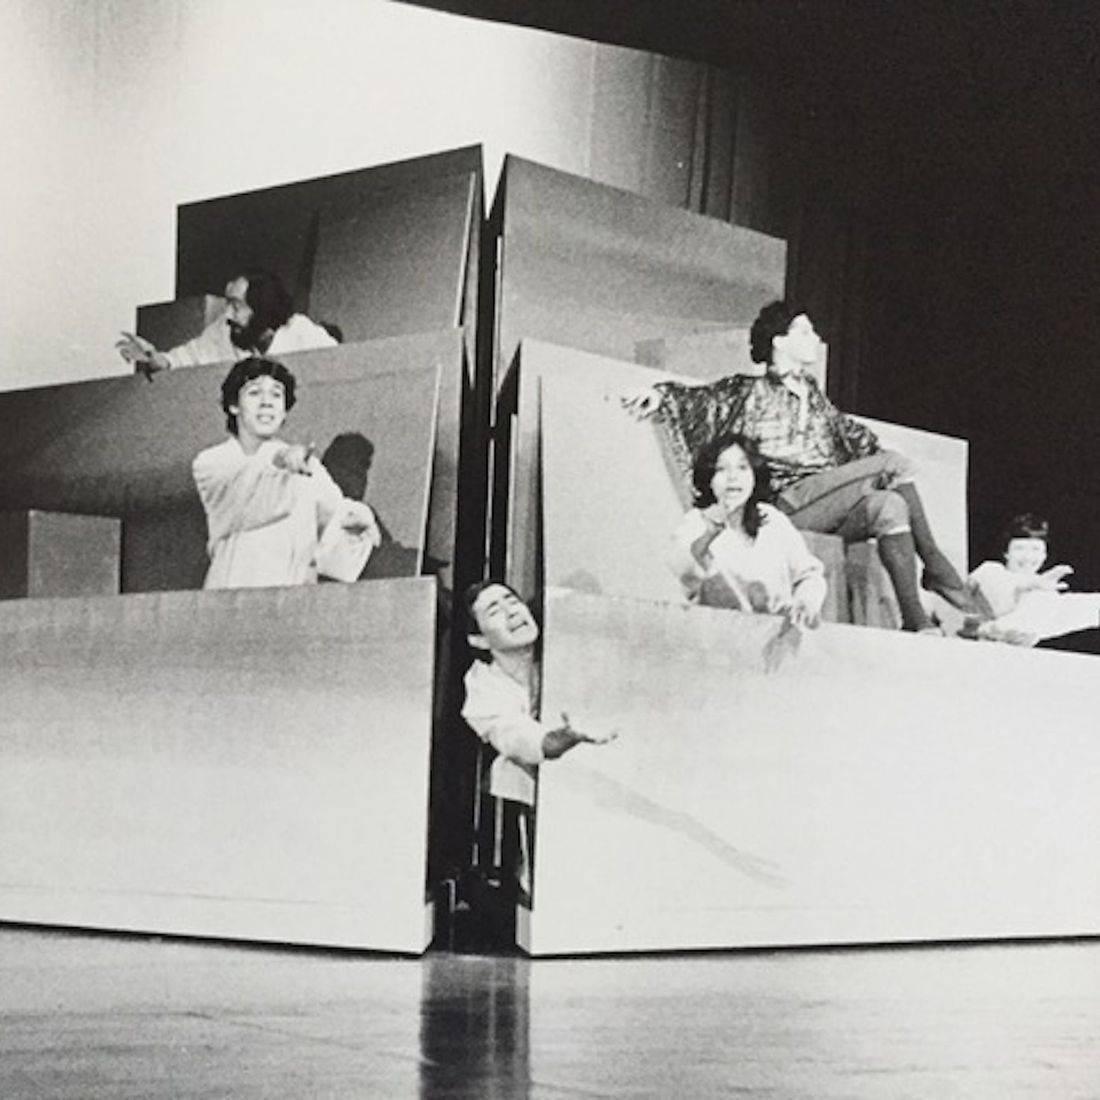 El huevo de Colón by Gustavo Gac-Artigas, directed by the author, actors: Gustavo Gac-Artigas, Cipriano Proaño, Jaime Prat Corona, Priscilla Gac-Artigas, Juan Ángel and Perla Valencia